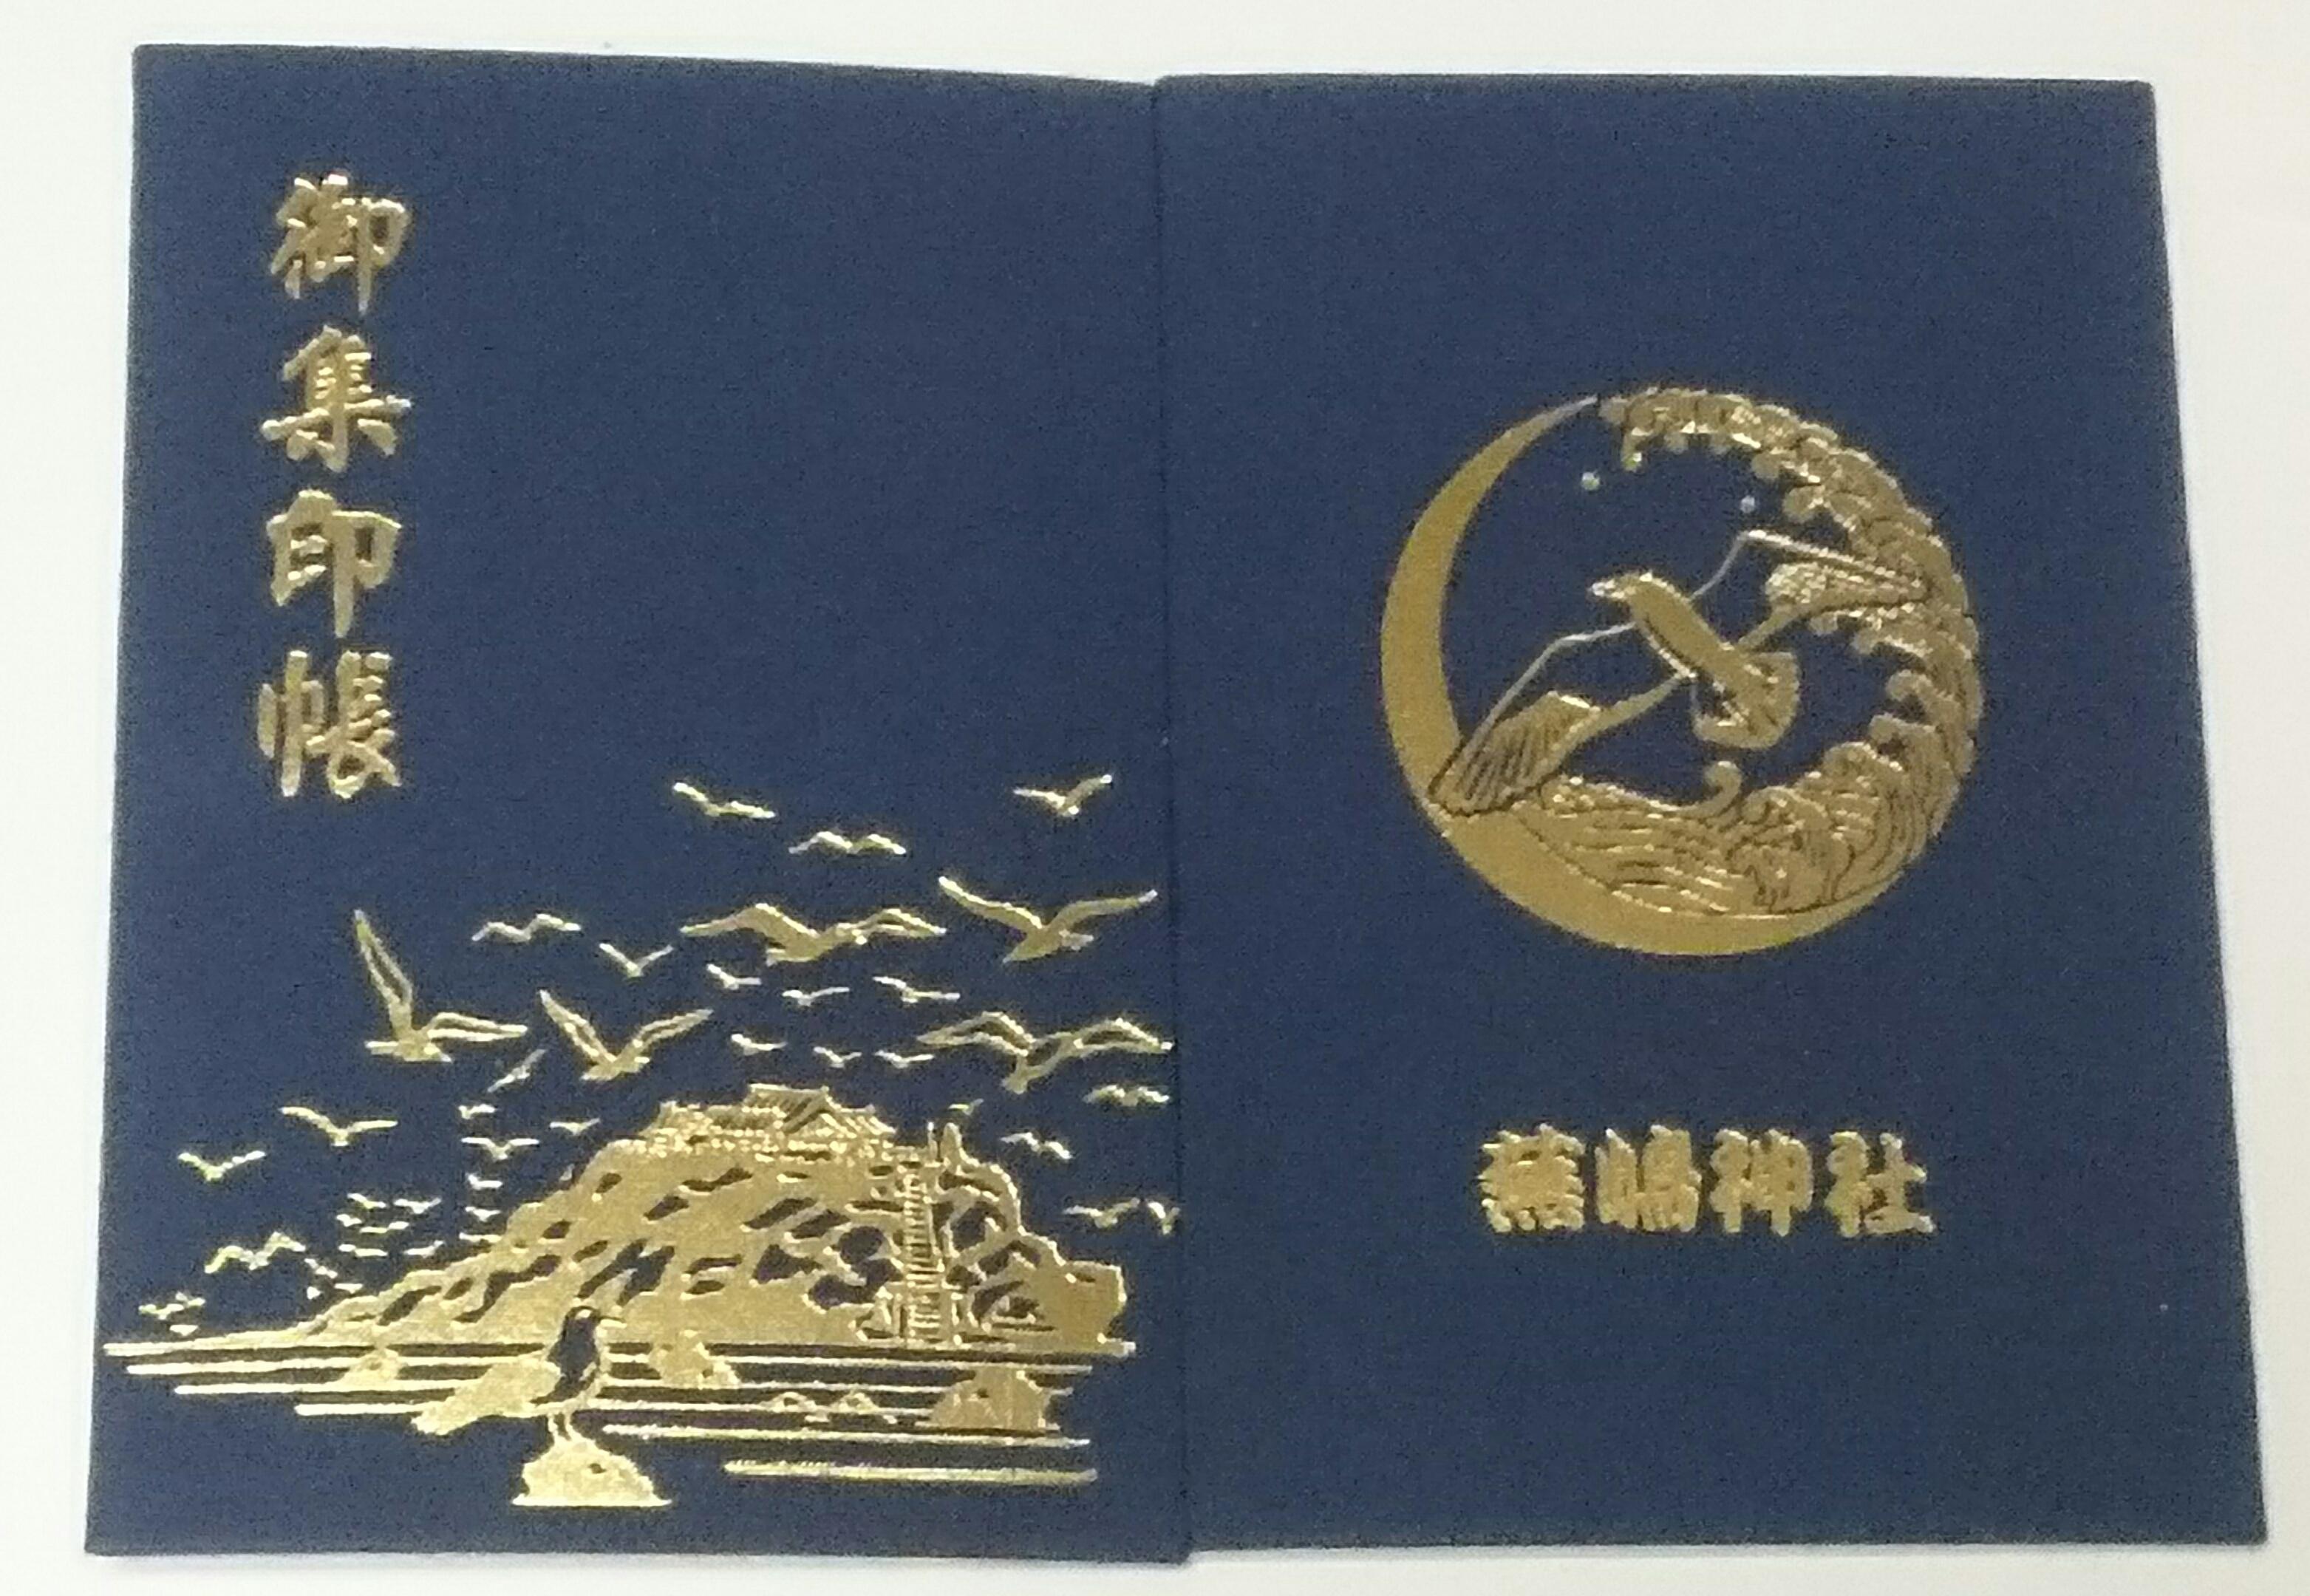 蕪嶋神社の御朱印帳